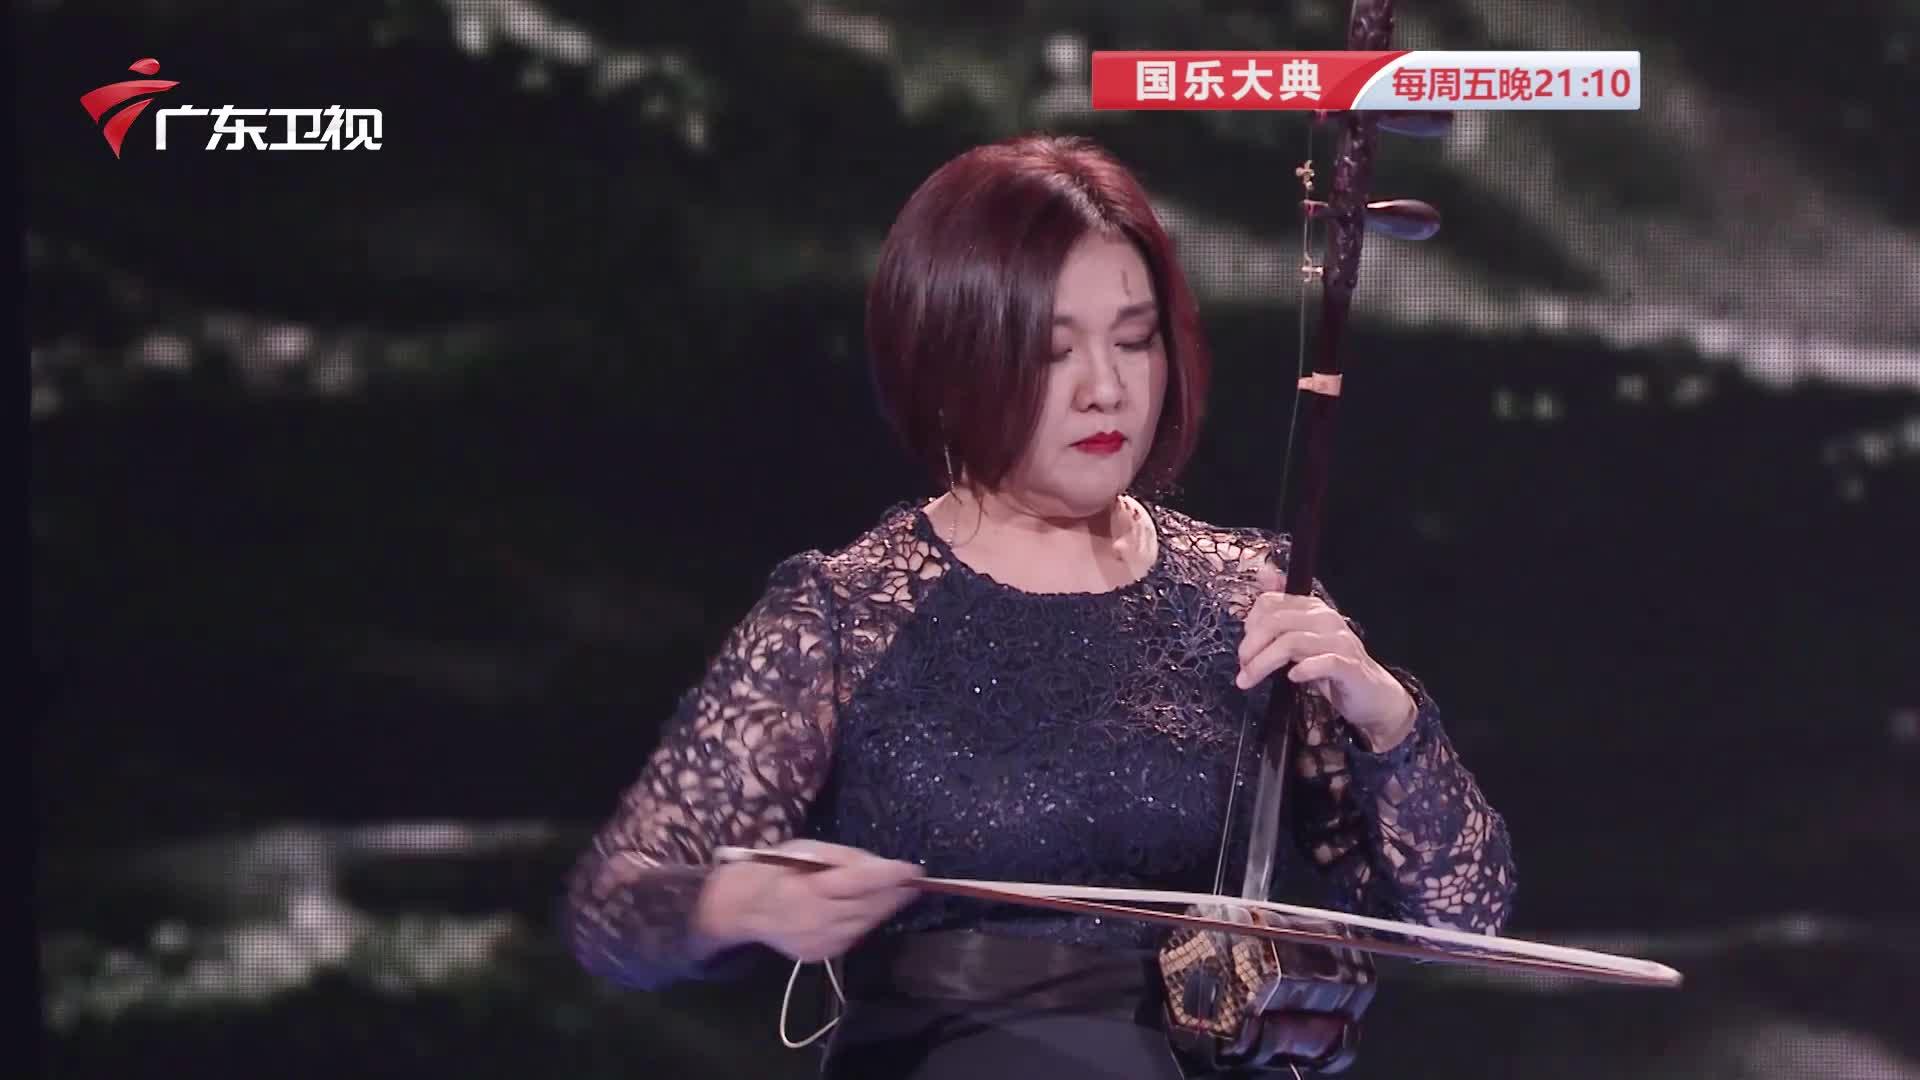 《国乐大典2》第五期预告:龚琳娜登场,唐俊乔聊起往事泪崩